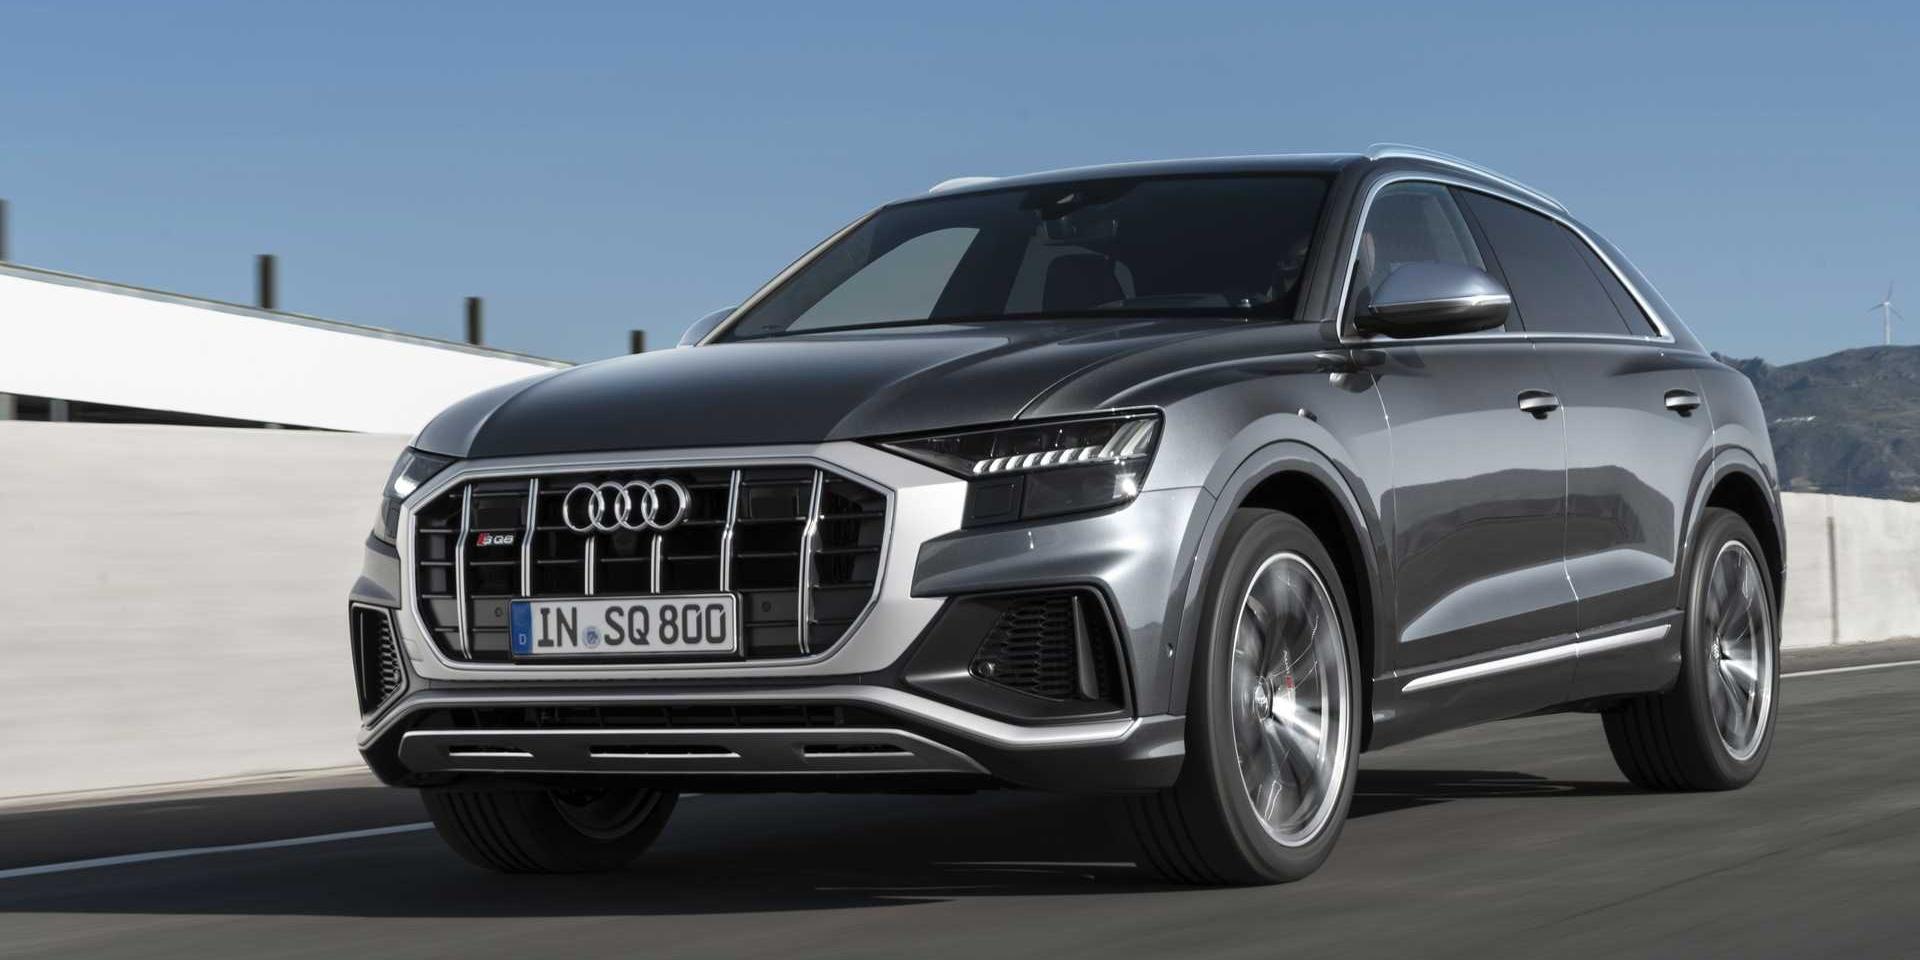 雙渦輪柴油V8 Hybrid上身!2020 Audi SQ8狂暴亮相!